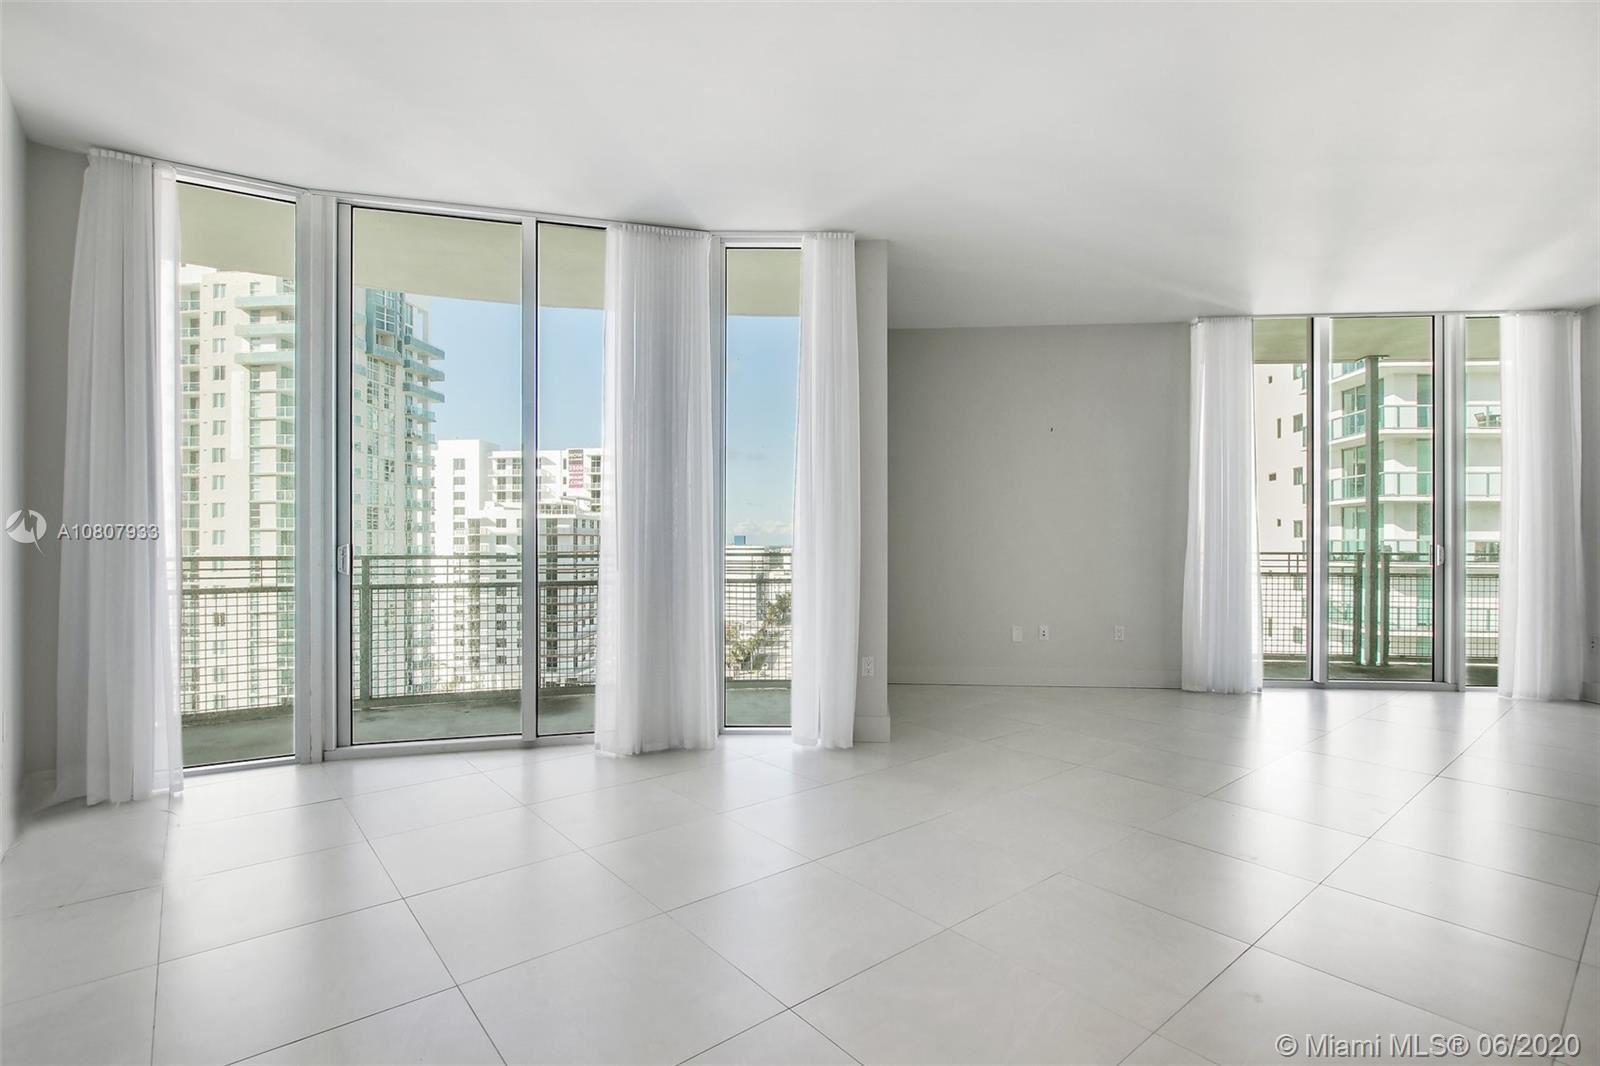 350 NE 24th St #PH4, Miami, FL 33137 - #: A10807933